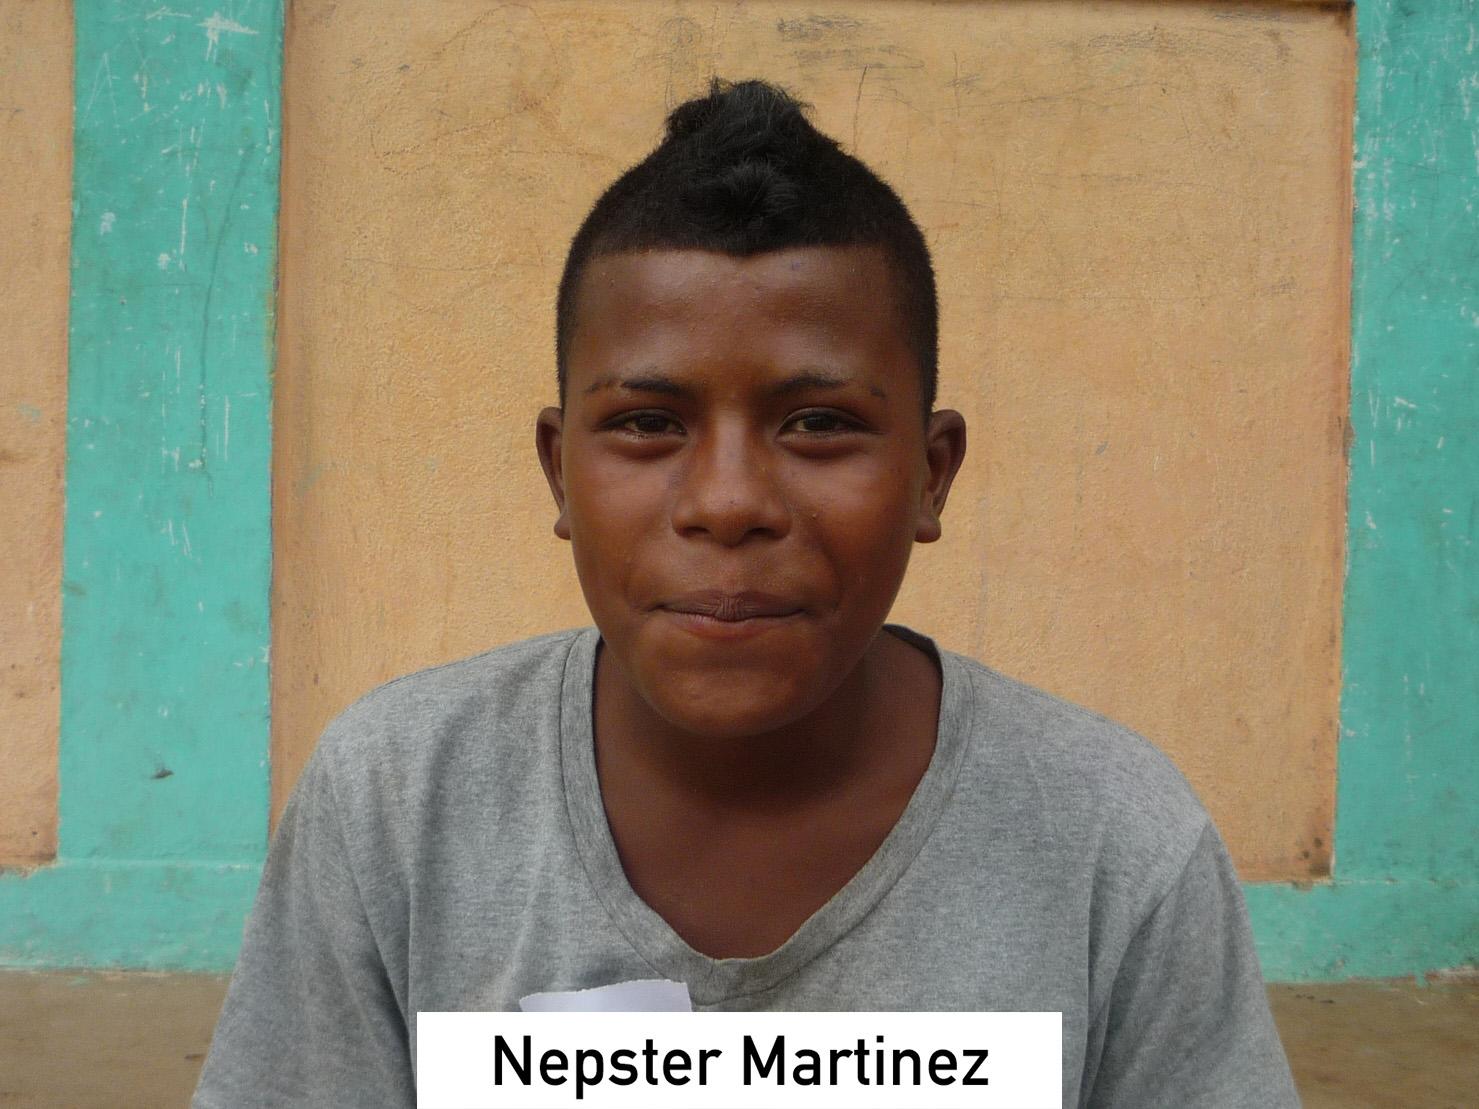 009 - Nepster Martinez.jpg